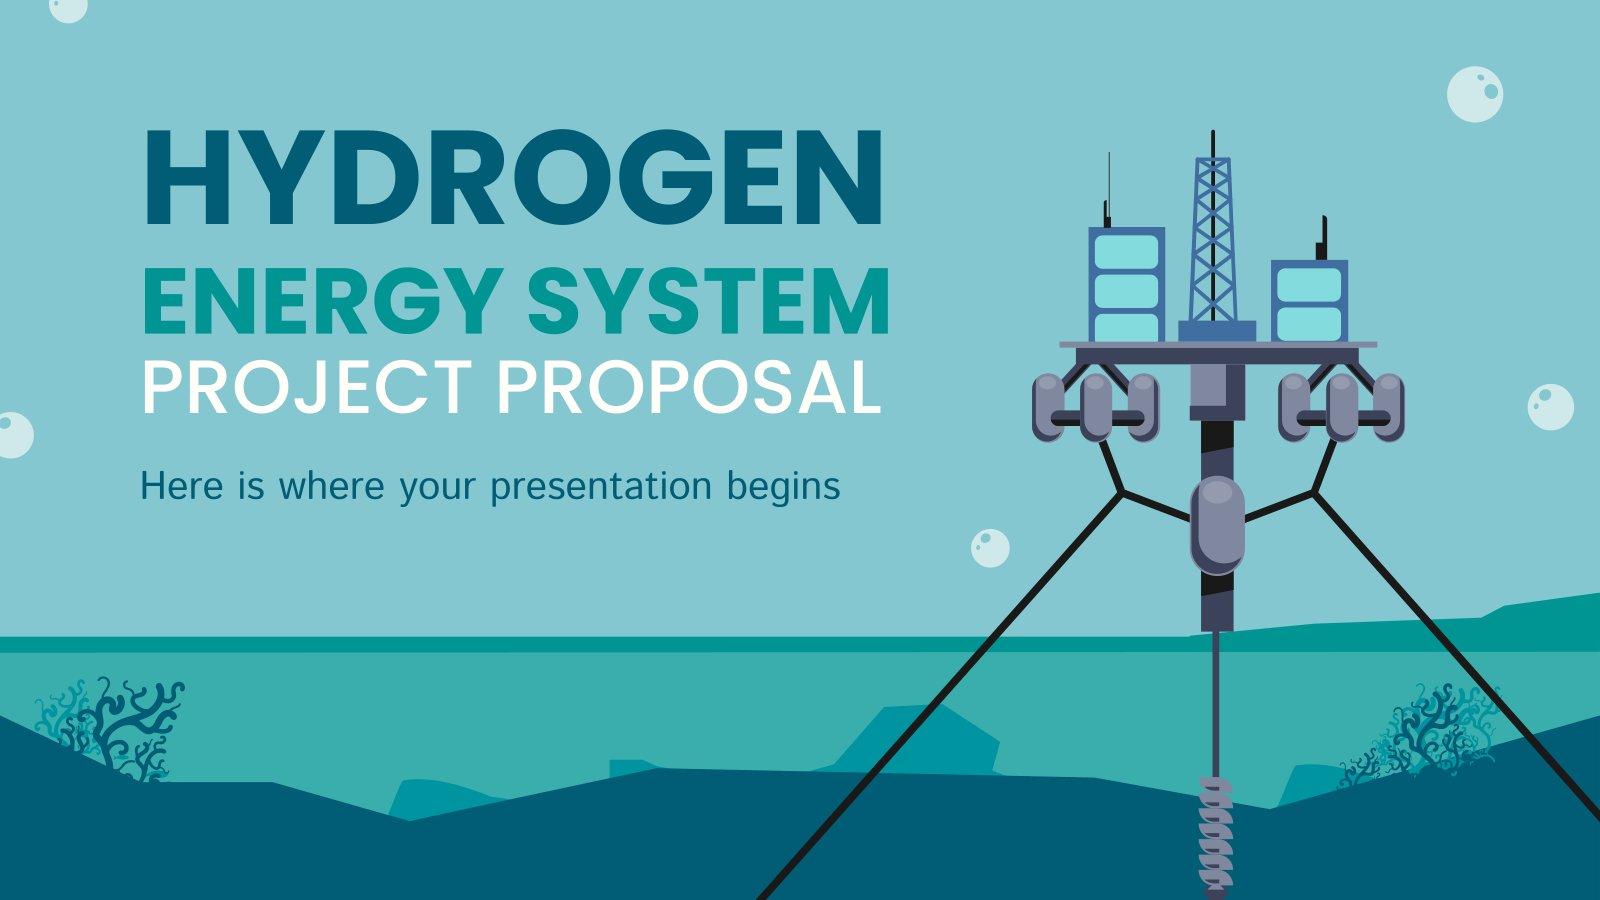 Proposition de projet de système énergétique à hydrogène : Modèles de présentation